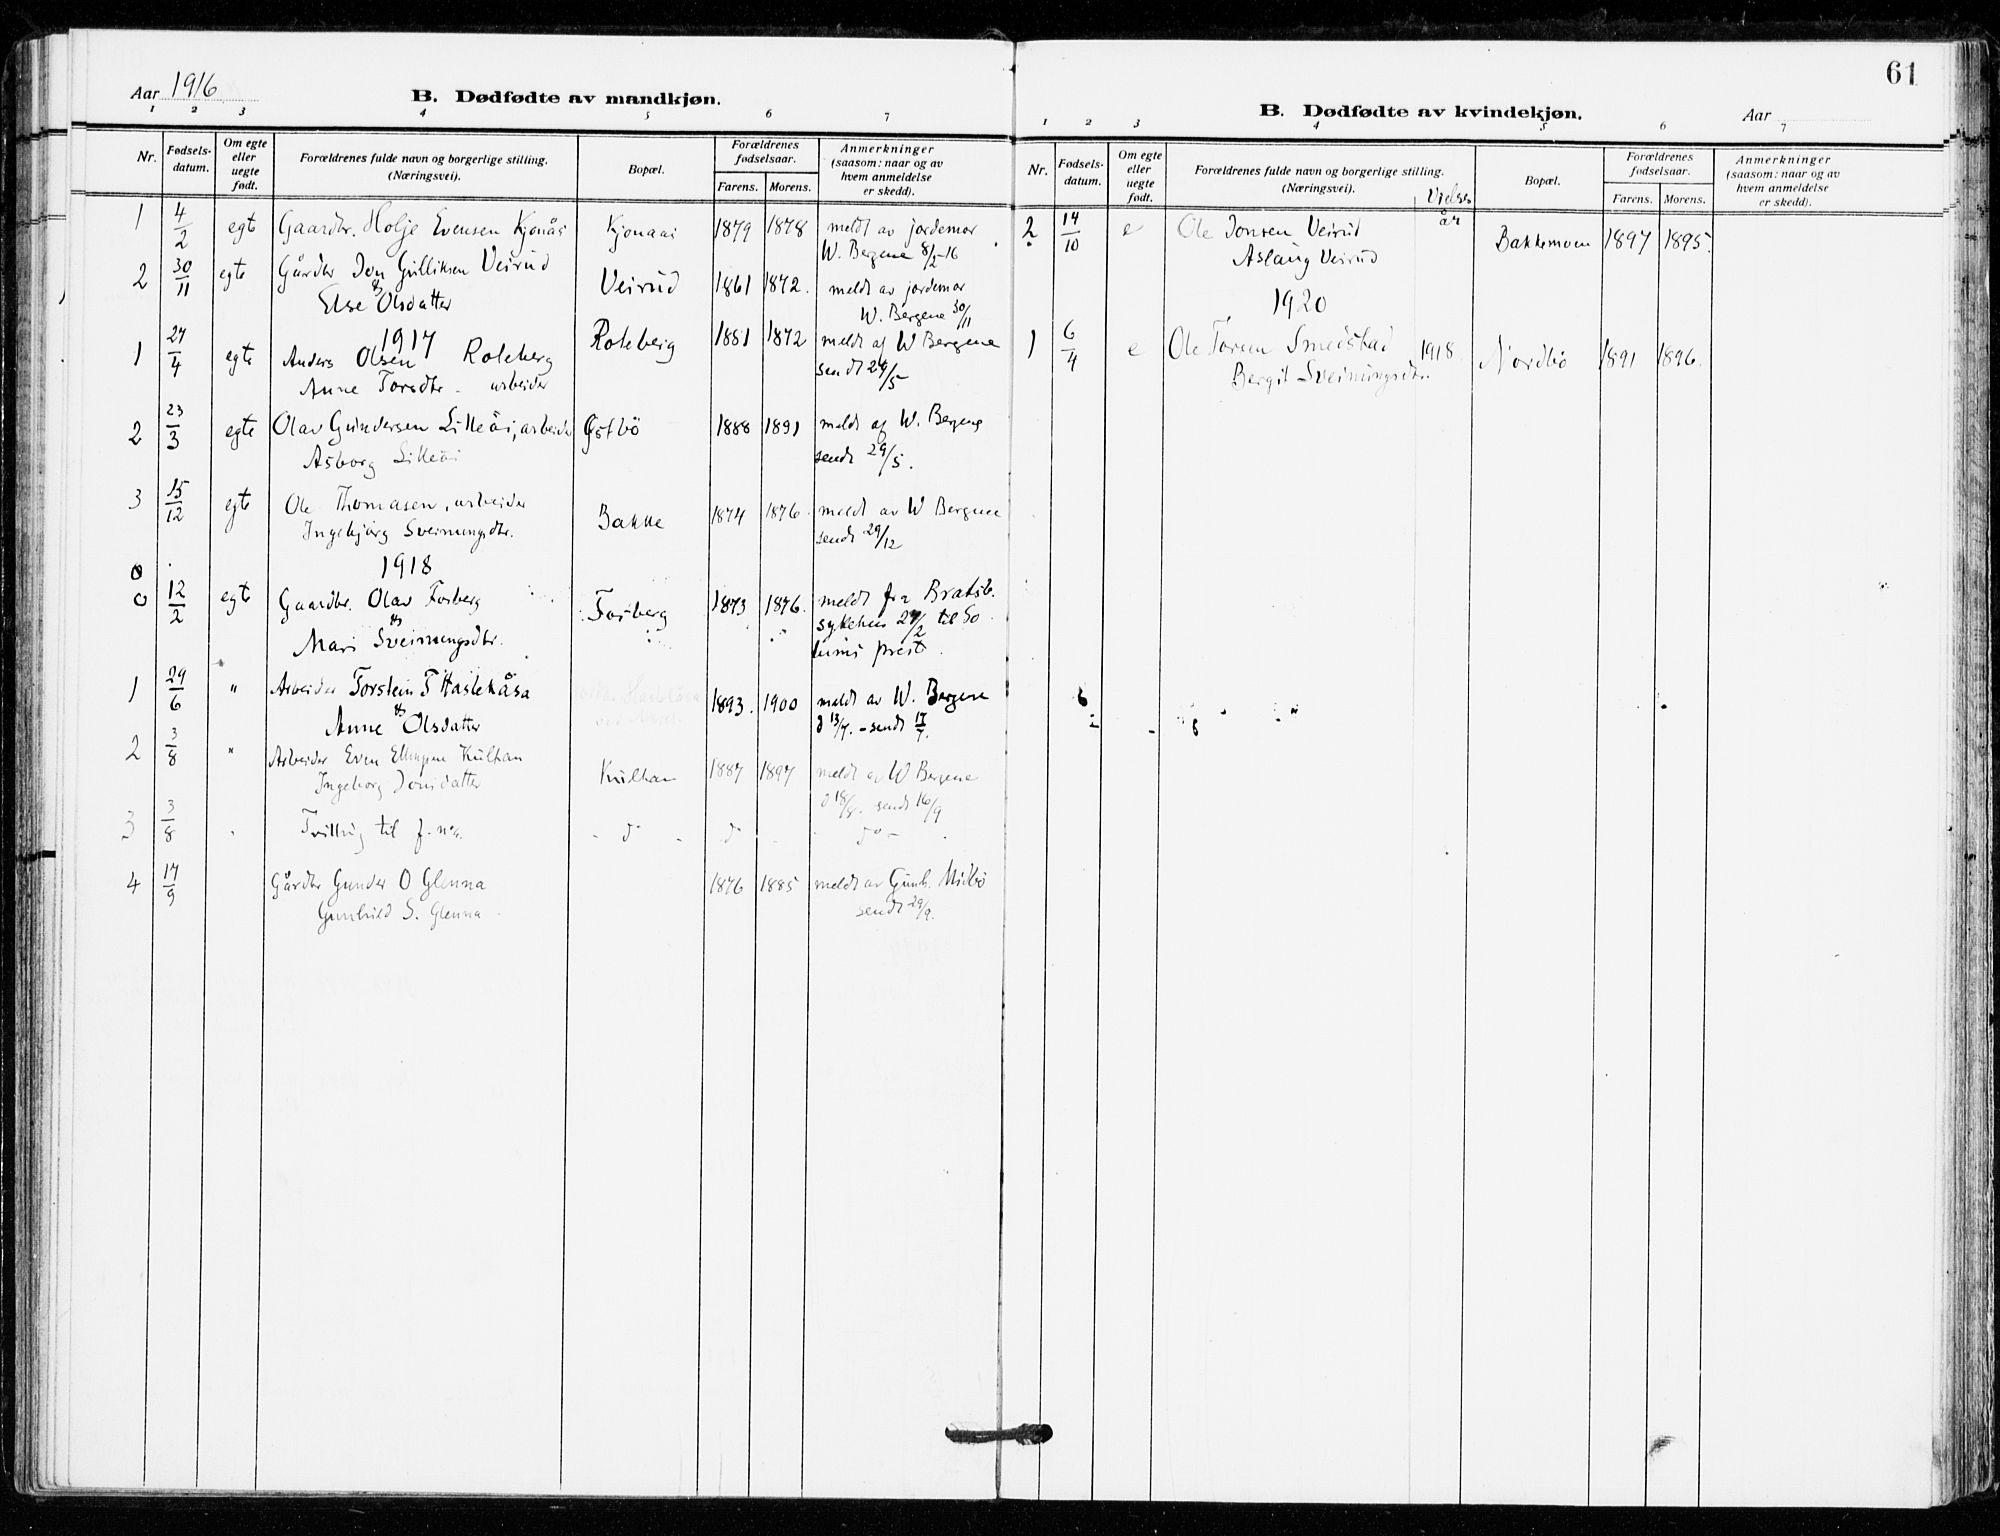 SAKO, Bø kirkebøker, F/Fa/L0013: Ministerialbok nr. 13, 1909-1921, s. 61